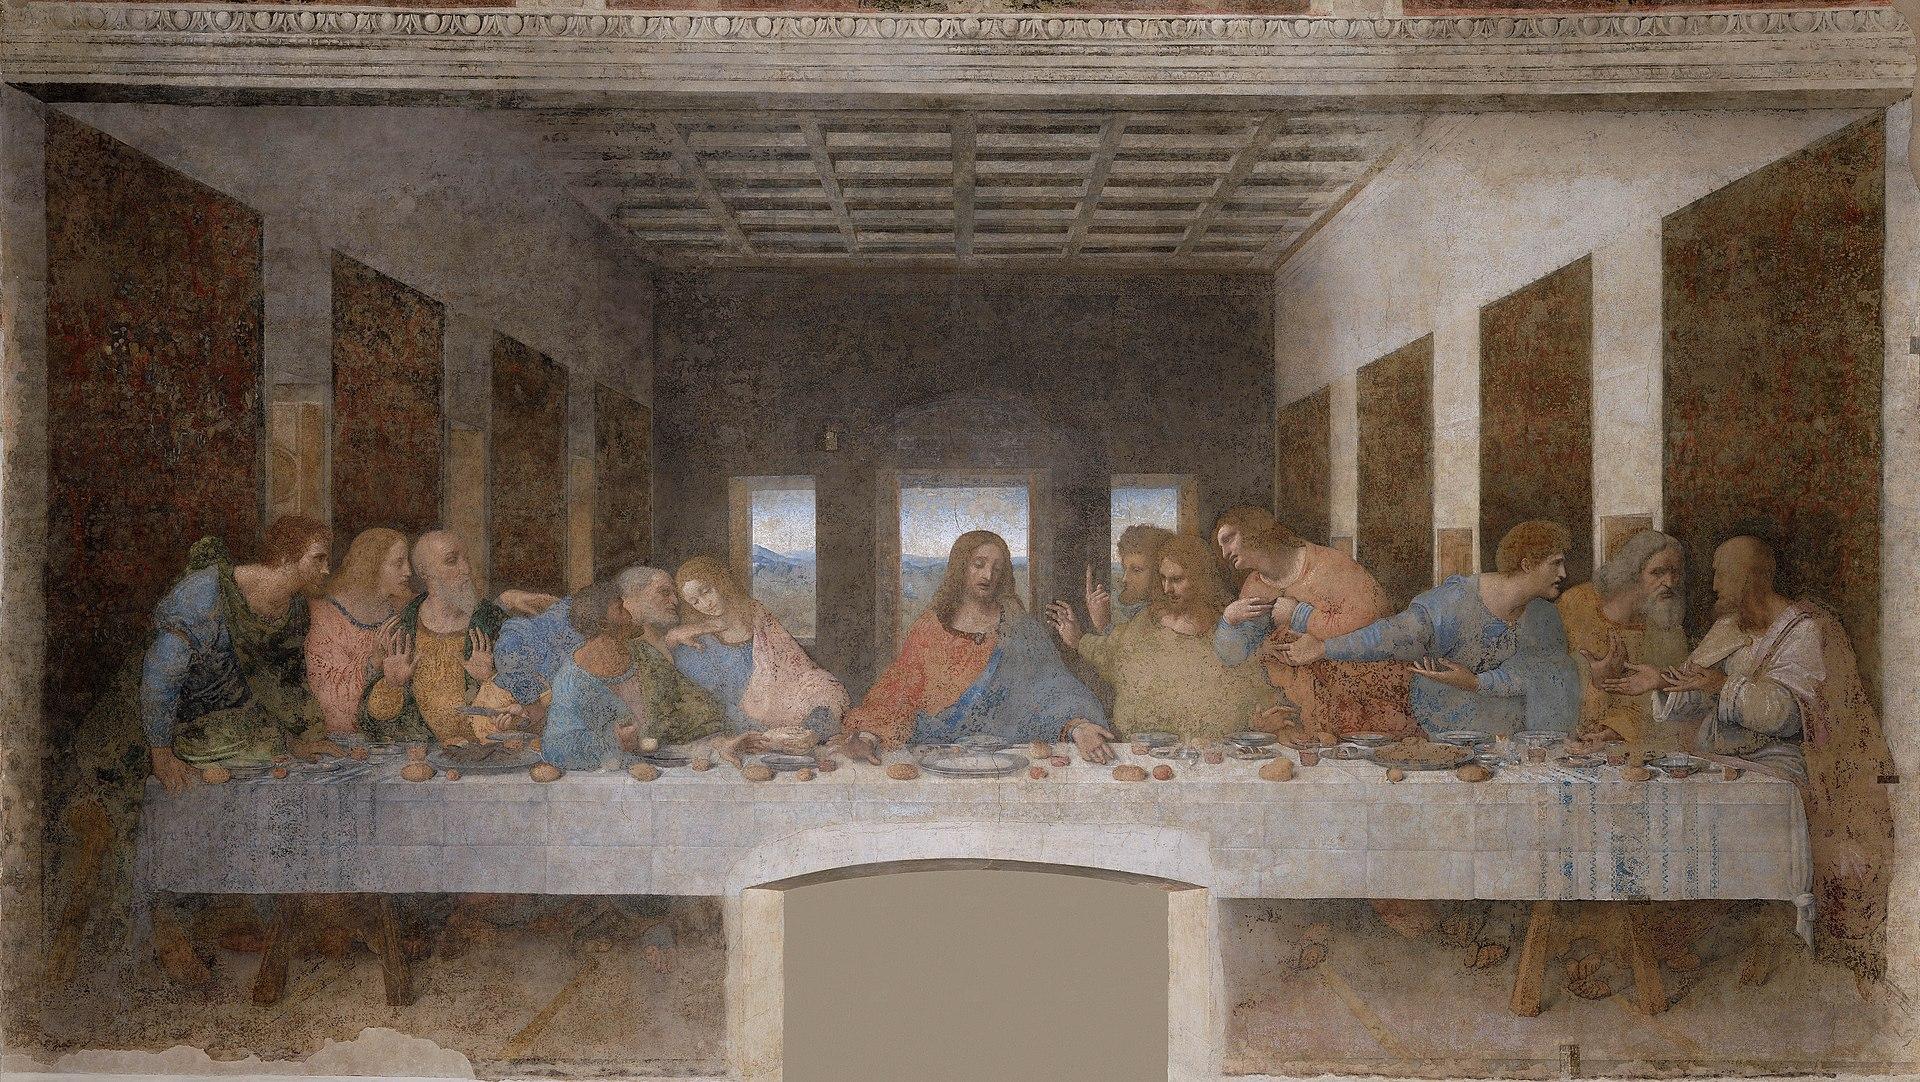 The Last Supper by Leonardo DaVinci (1490)